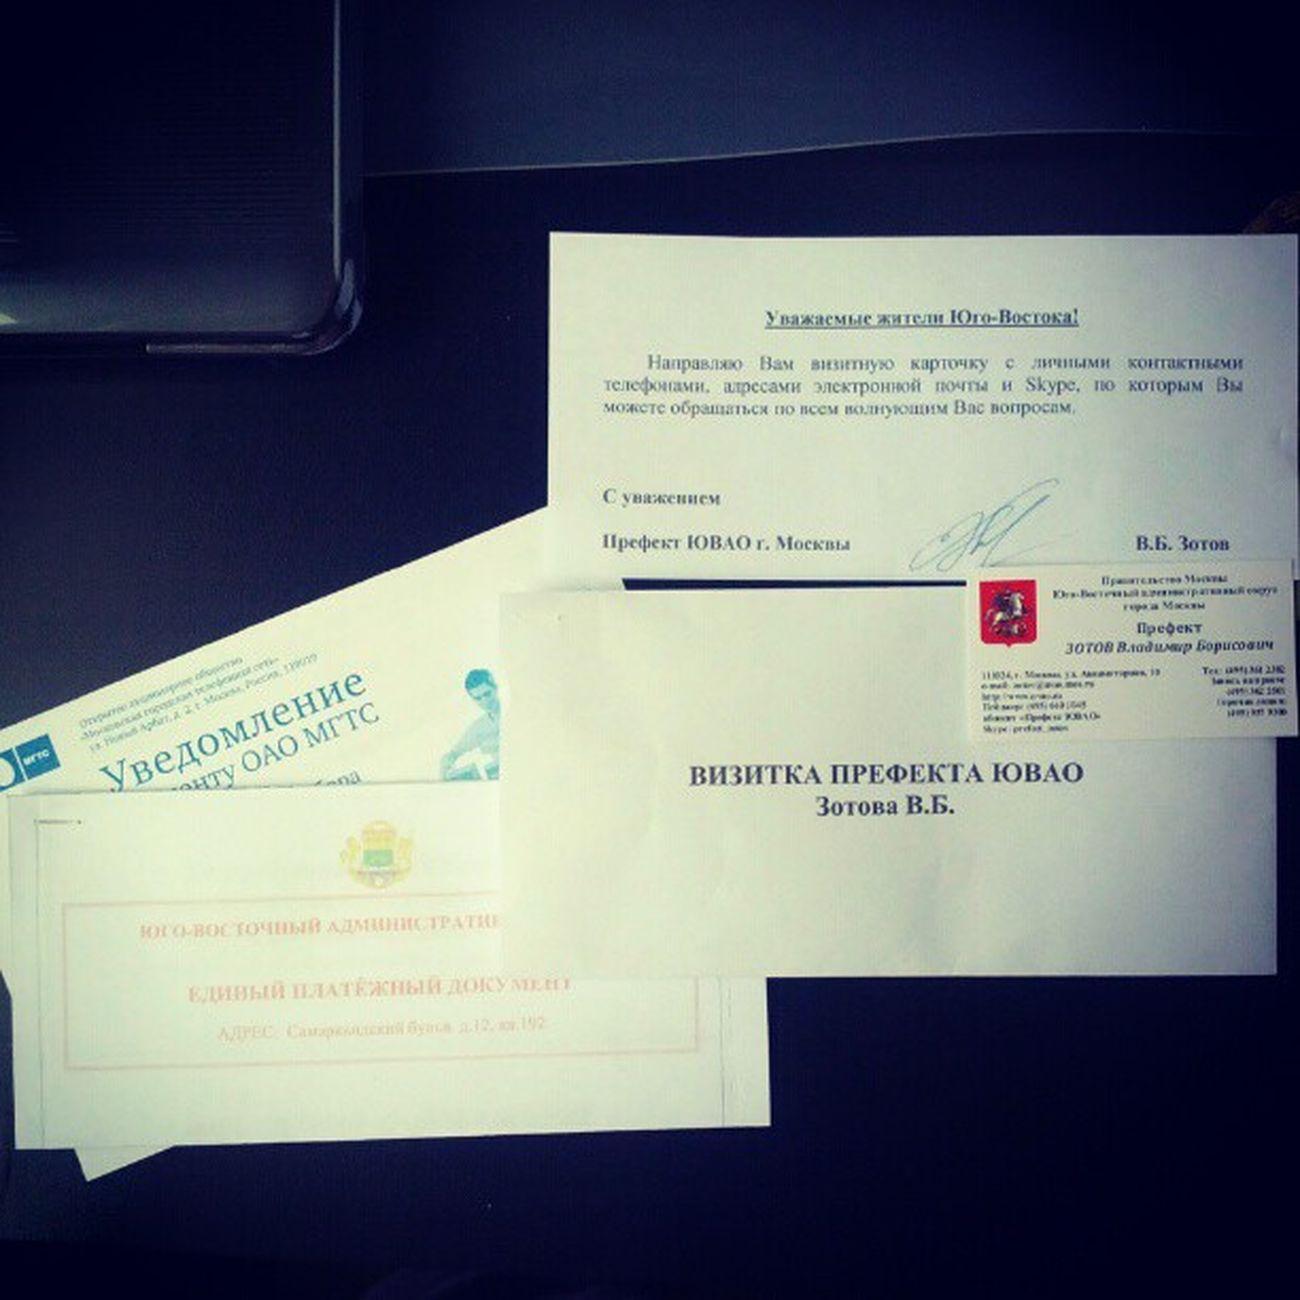 """Russia Moscow Bastards искренне считаю, что власть оборзела даже в мелочах. теперь с квитанцией на оплату квартиры приходят письма счастья, в которых описывается, как хорошо работает мэр собянин, как ему помогают местные власти. пора не только визитку прикладывать, но еще значок единой россии и реквизиты банковских счетов для сбора пожертвований. а конкретно о """"визитка префекта"""" - за чей счет этот банкет?"""